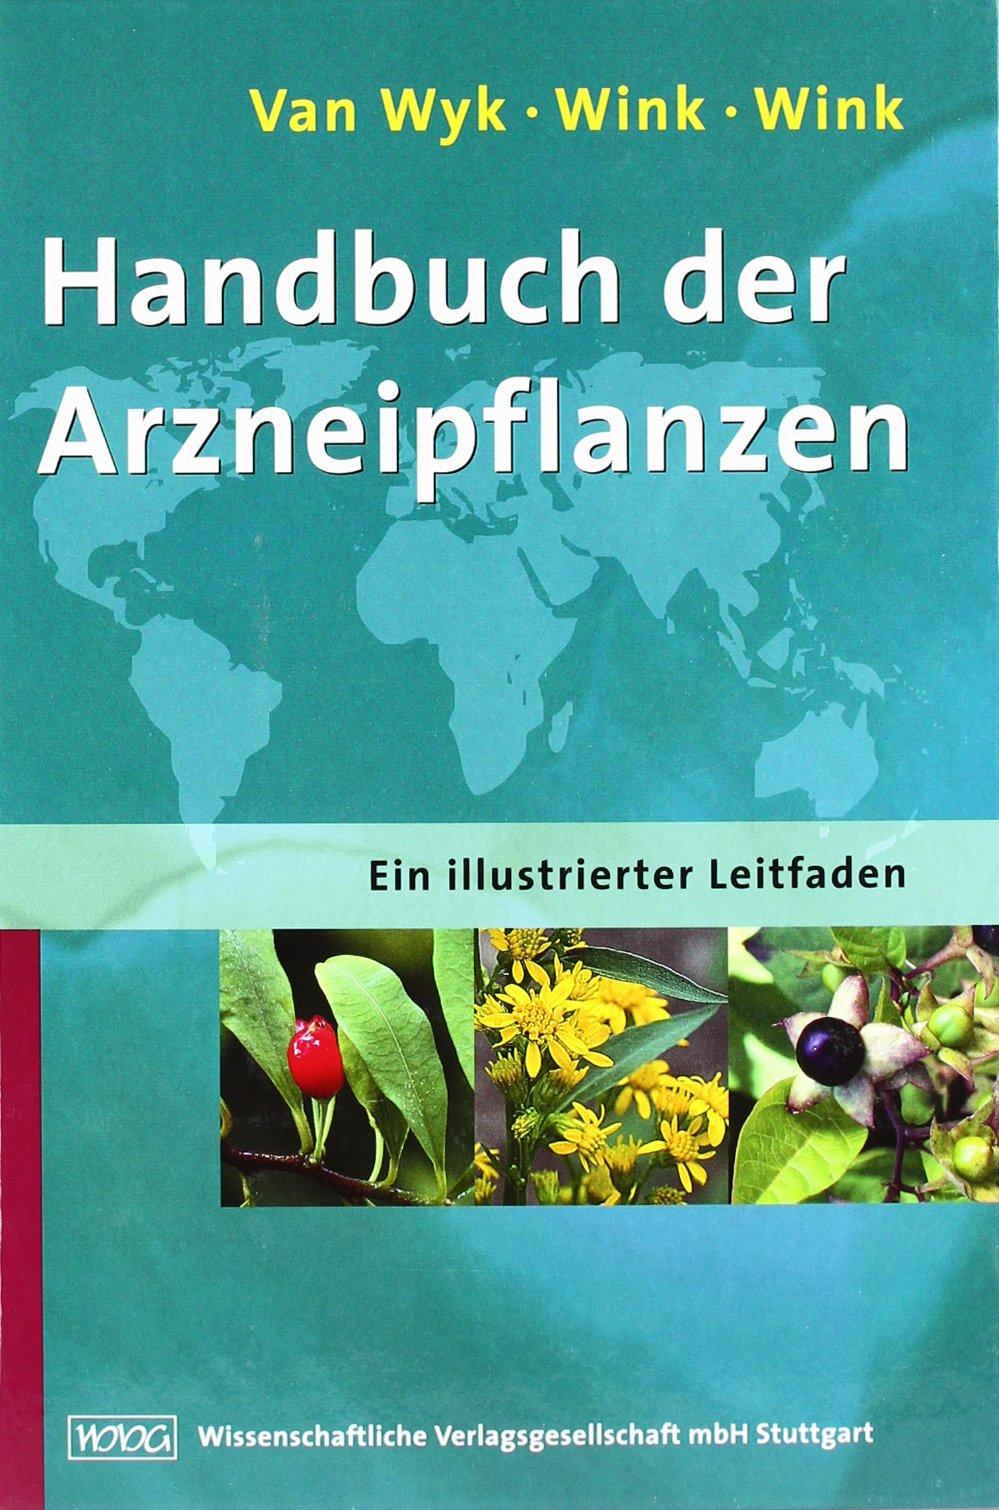 handbuch-der-arzneipflanzen-ein-illustrierter-leitfaden